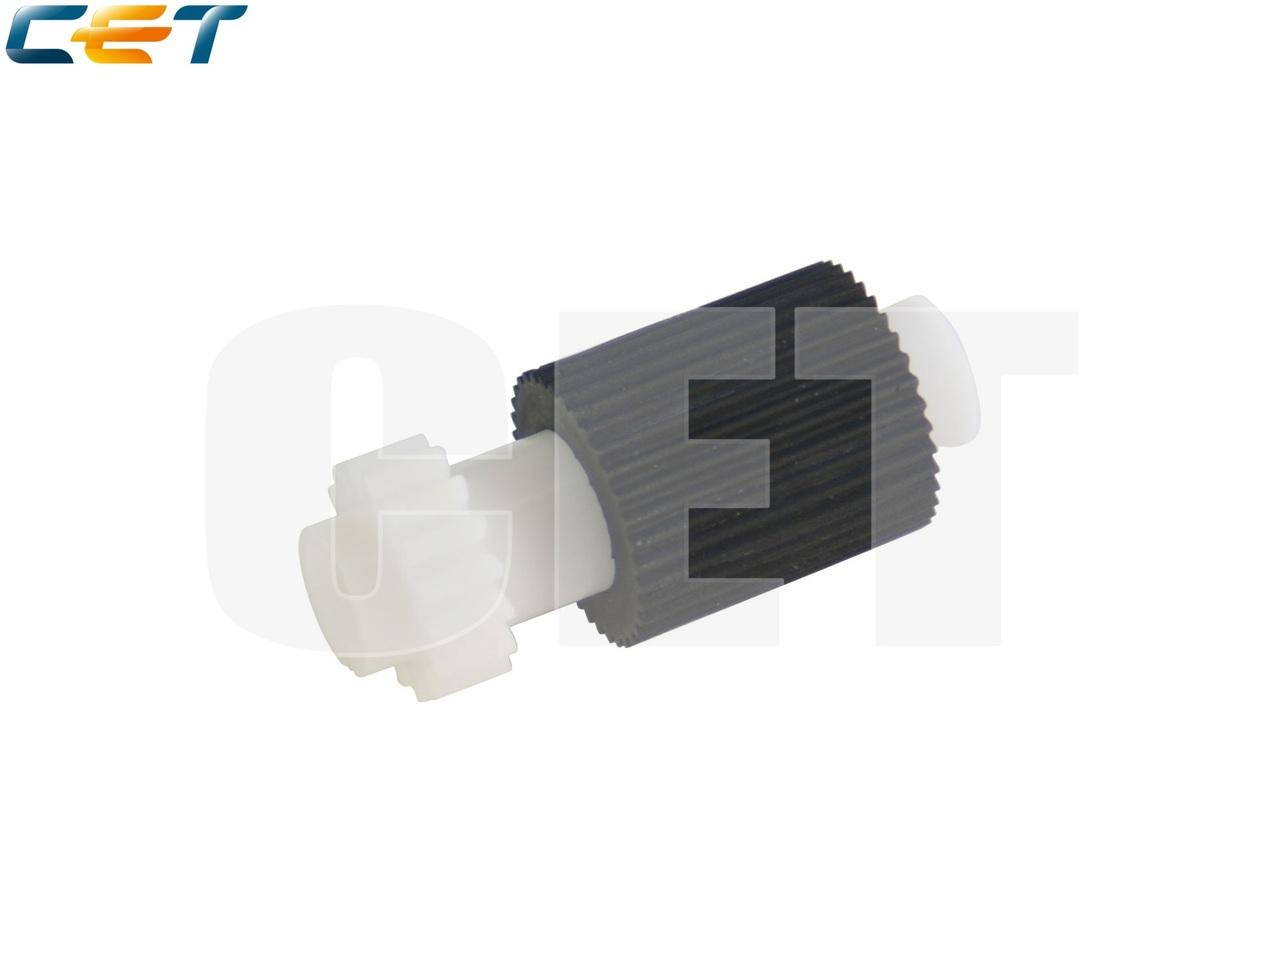 Ролик подхвата 2BJ06010 для KYOCERAKM-2540/2560/3040/3060, TASKalfa 250ci/300ci/400ci/500ci(CET), CET4044